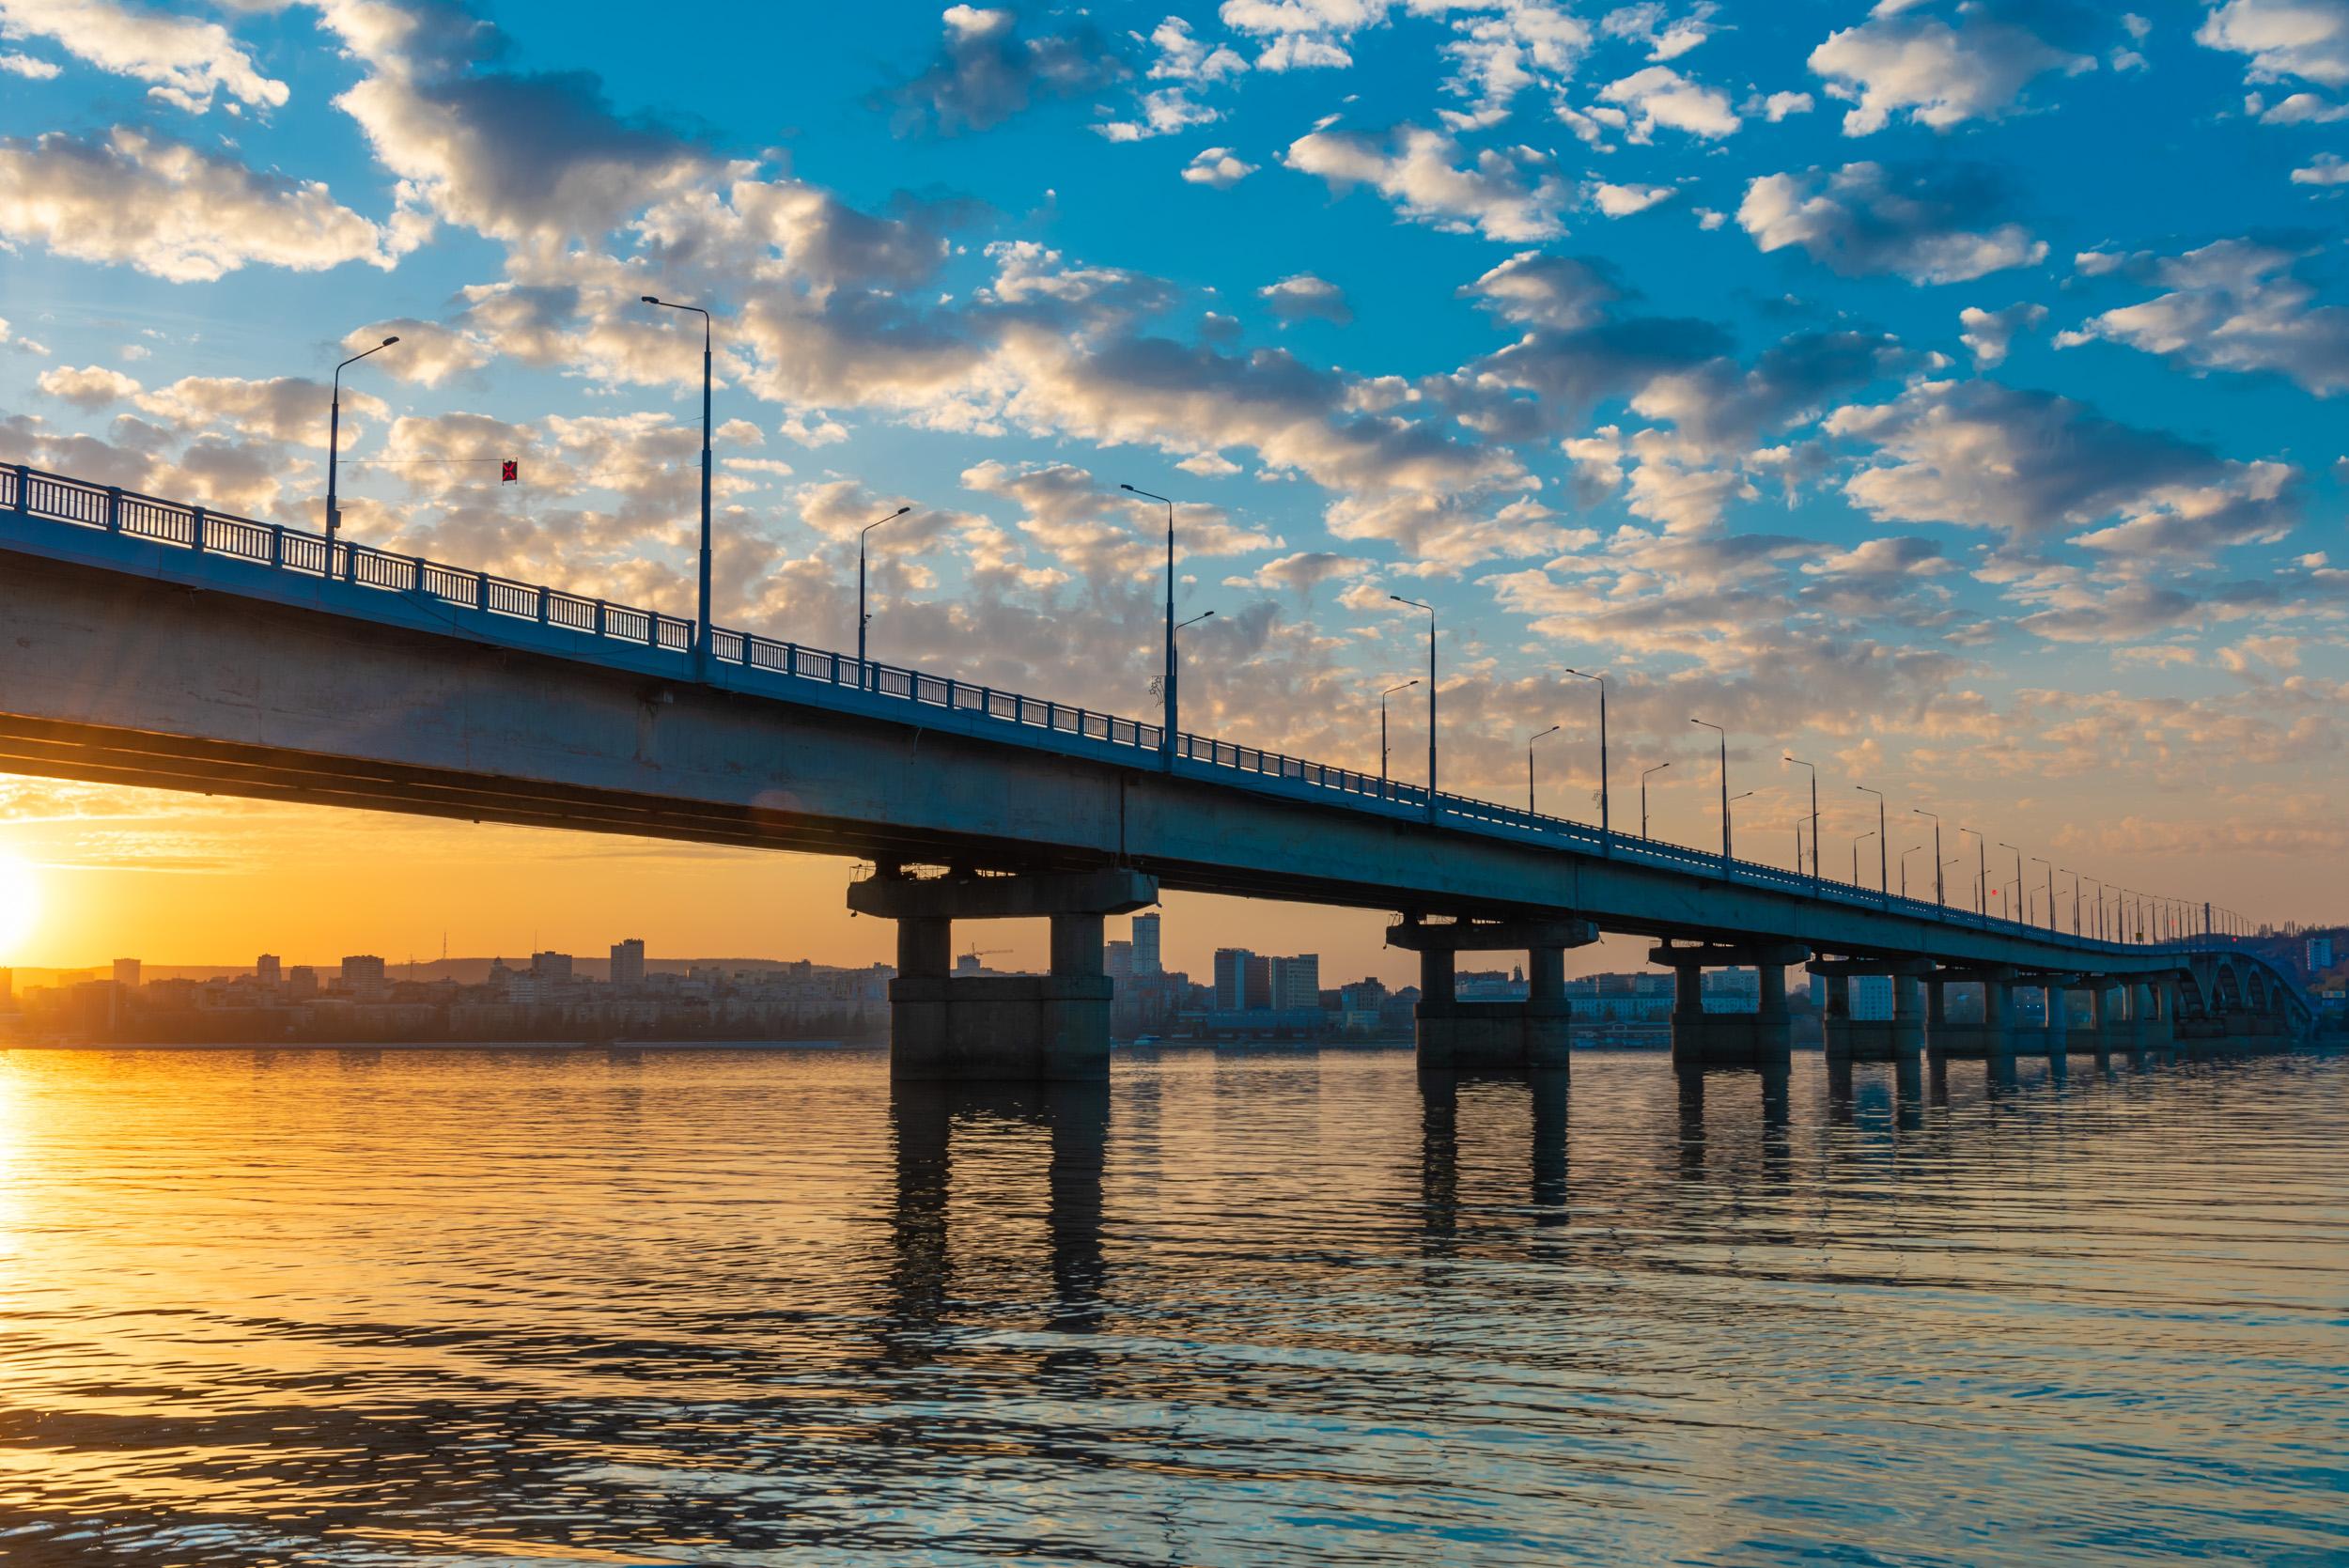 Саратовский мост на закате